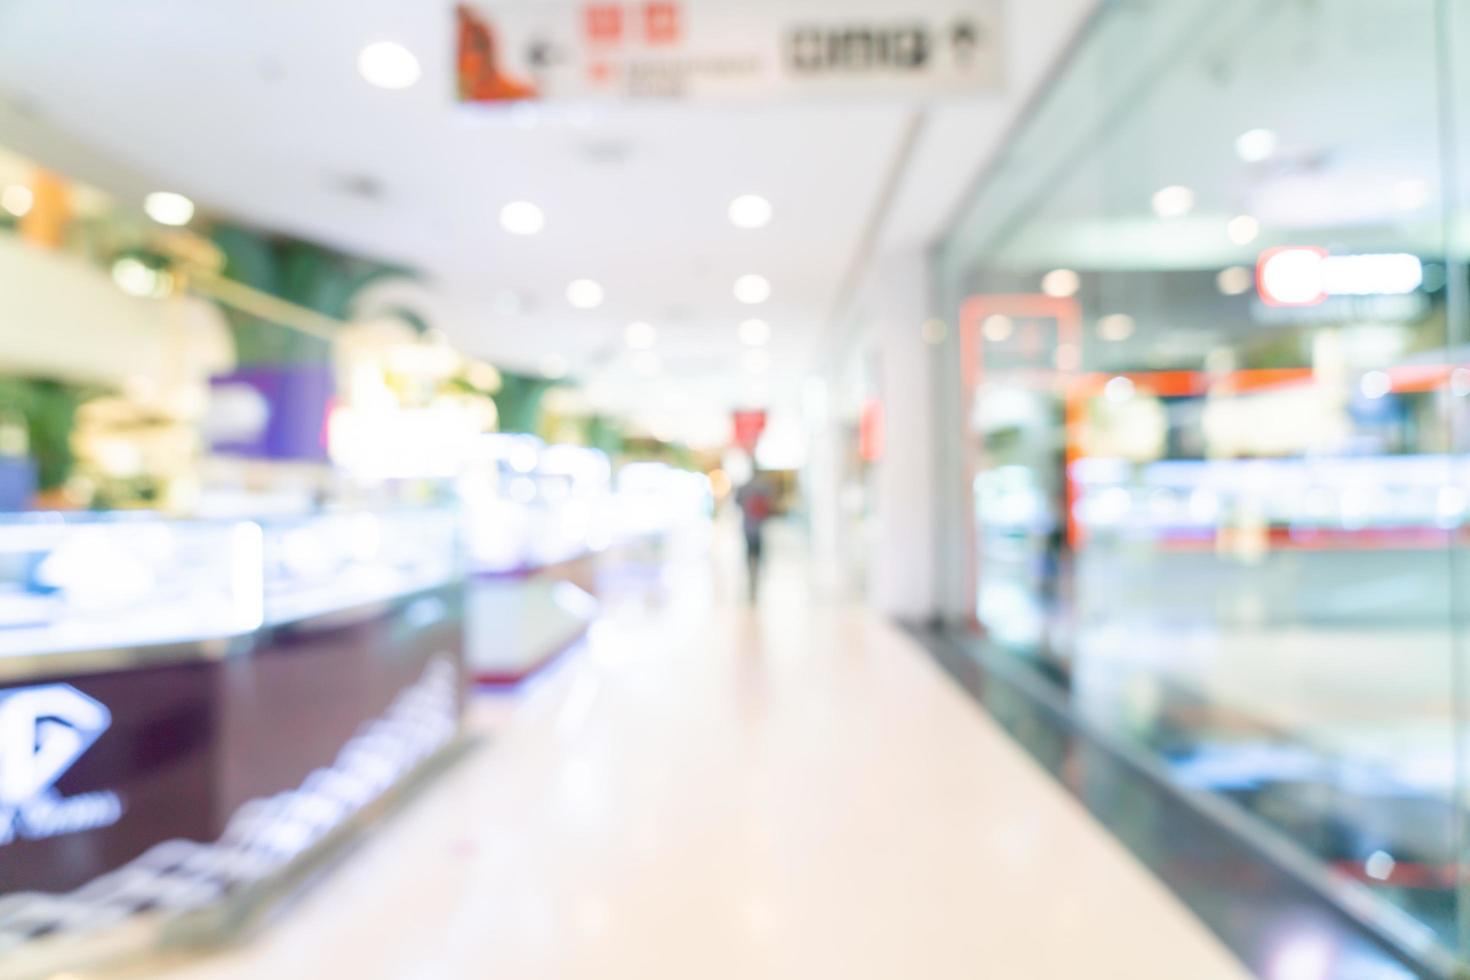 abstrakt oskärpa shoppar och butik i köpcentrum för bakgrund foto